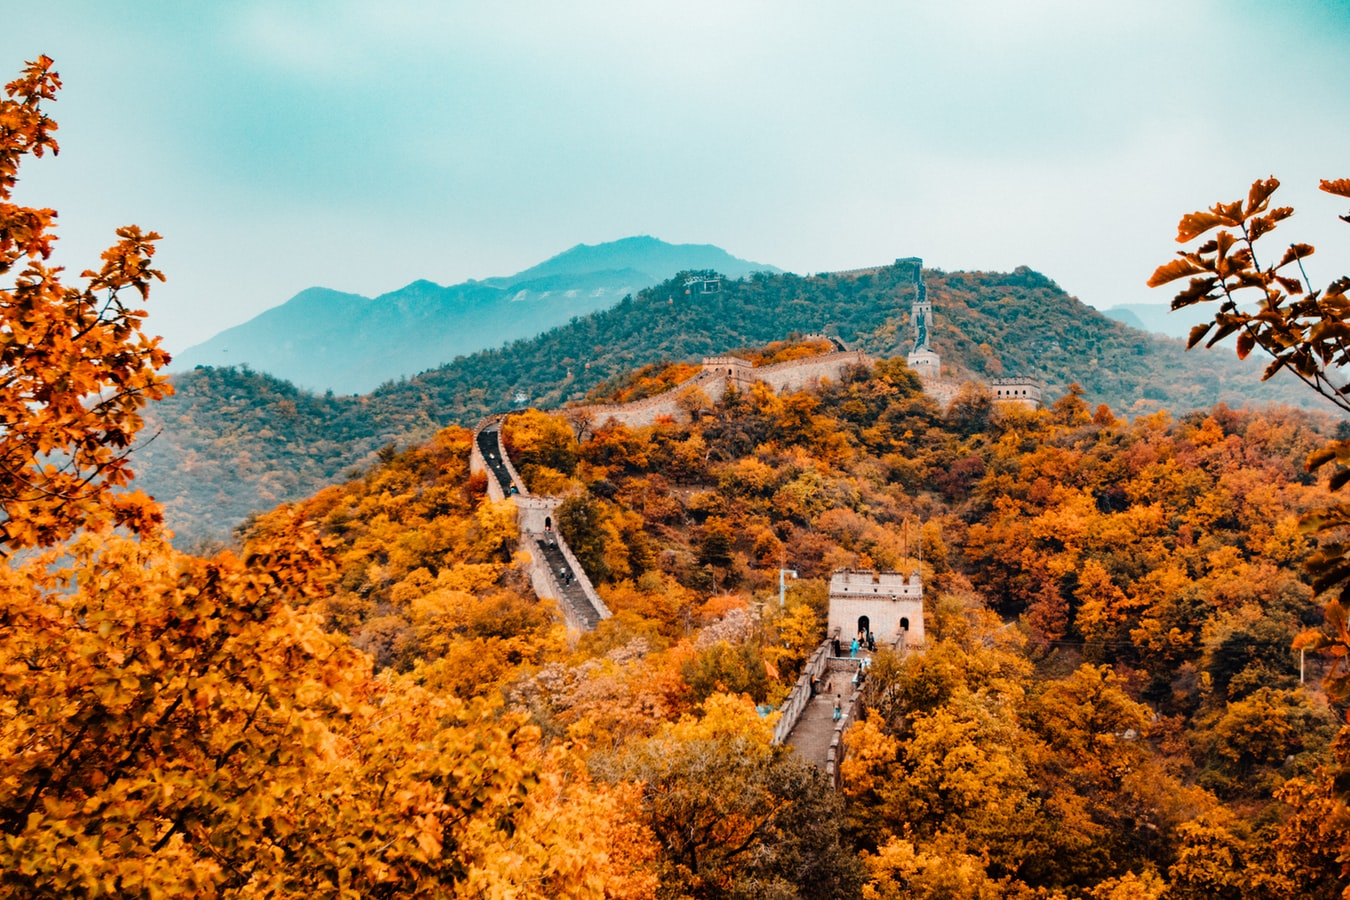 Organizzare un viaggio in Cina durante l'autunno